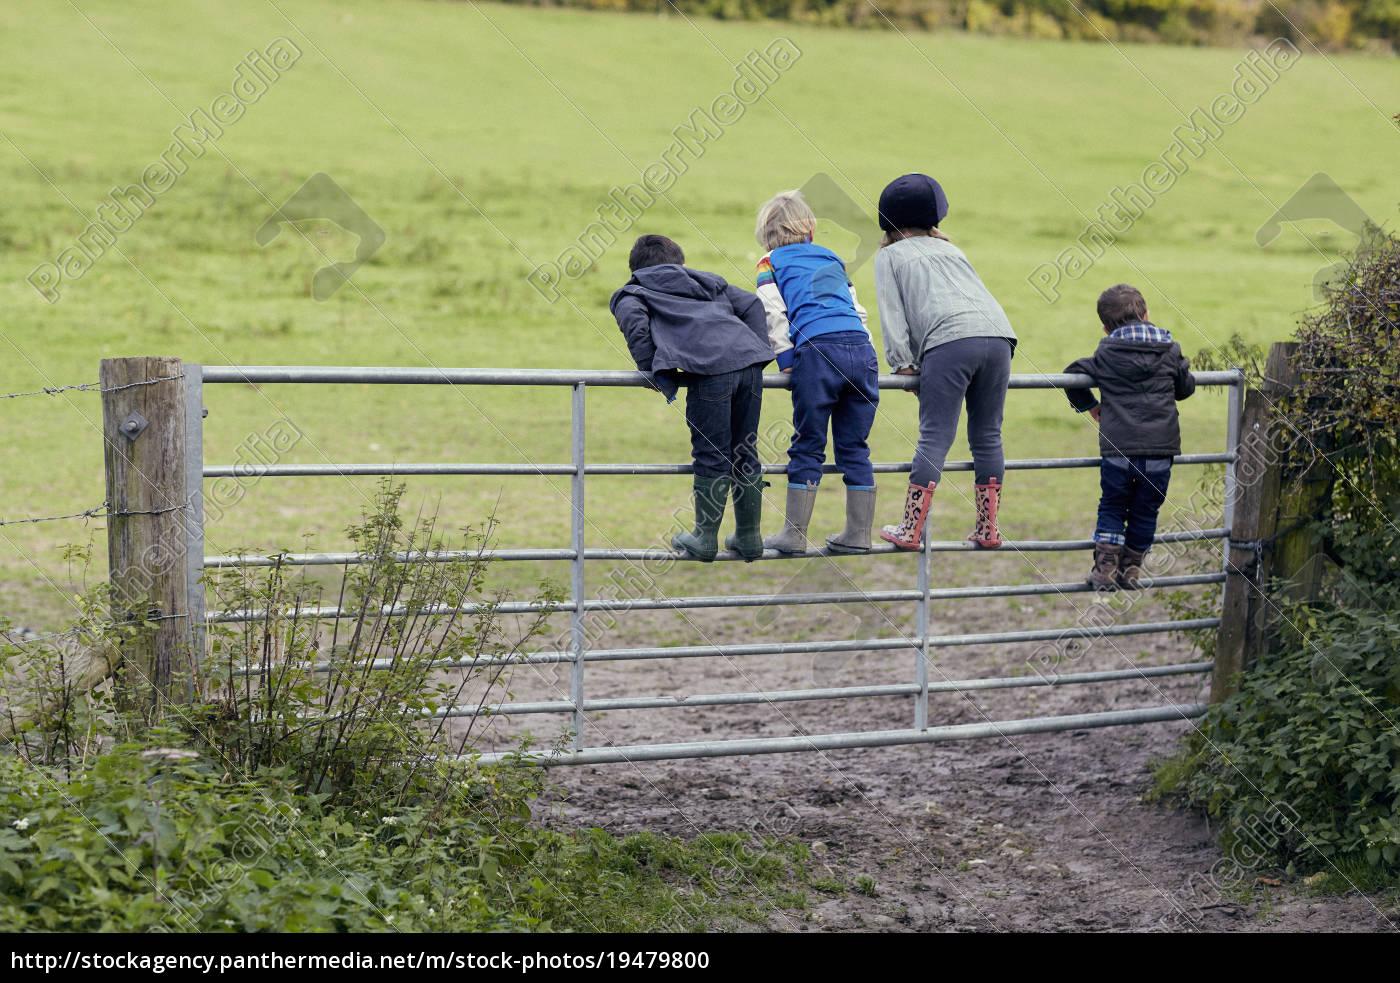 rückansicht, von, vier, kleinen, kindern, die, auf - 19479800